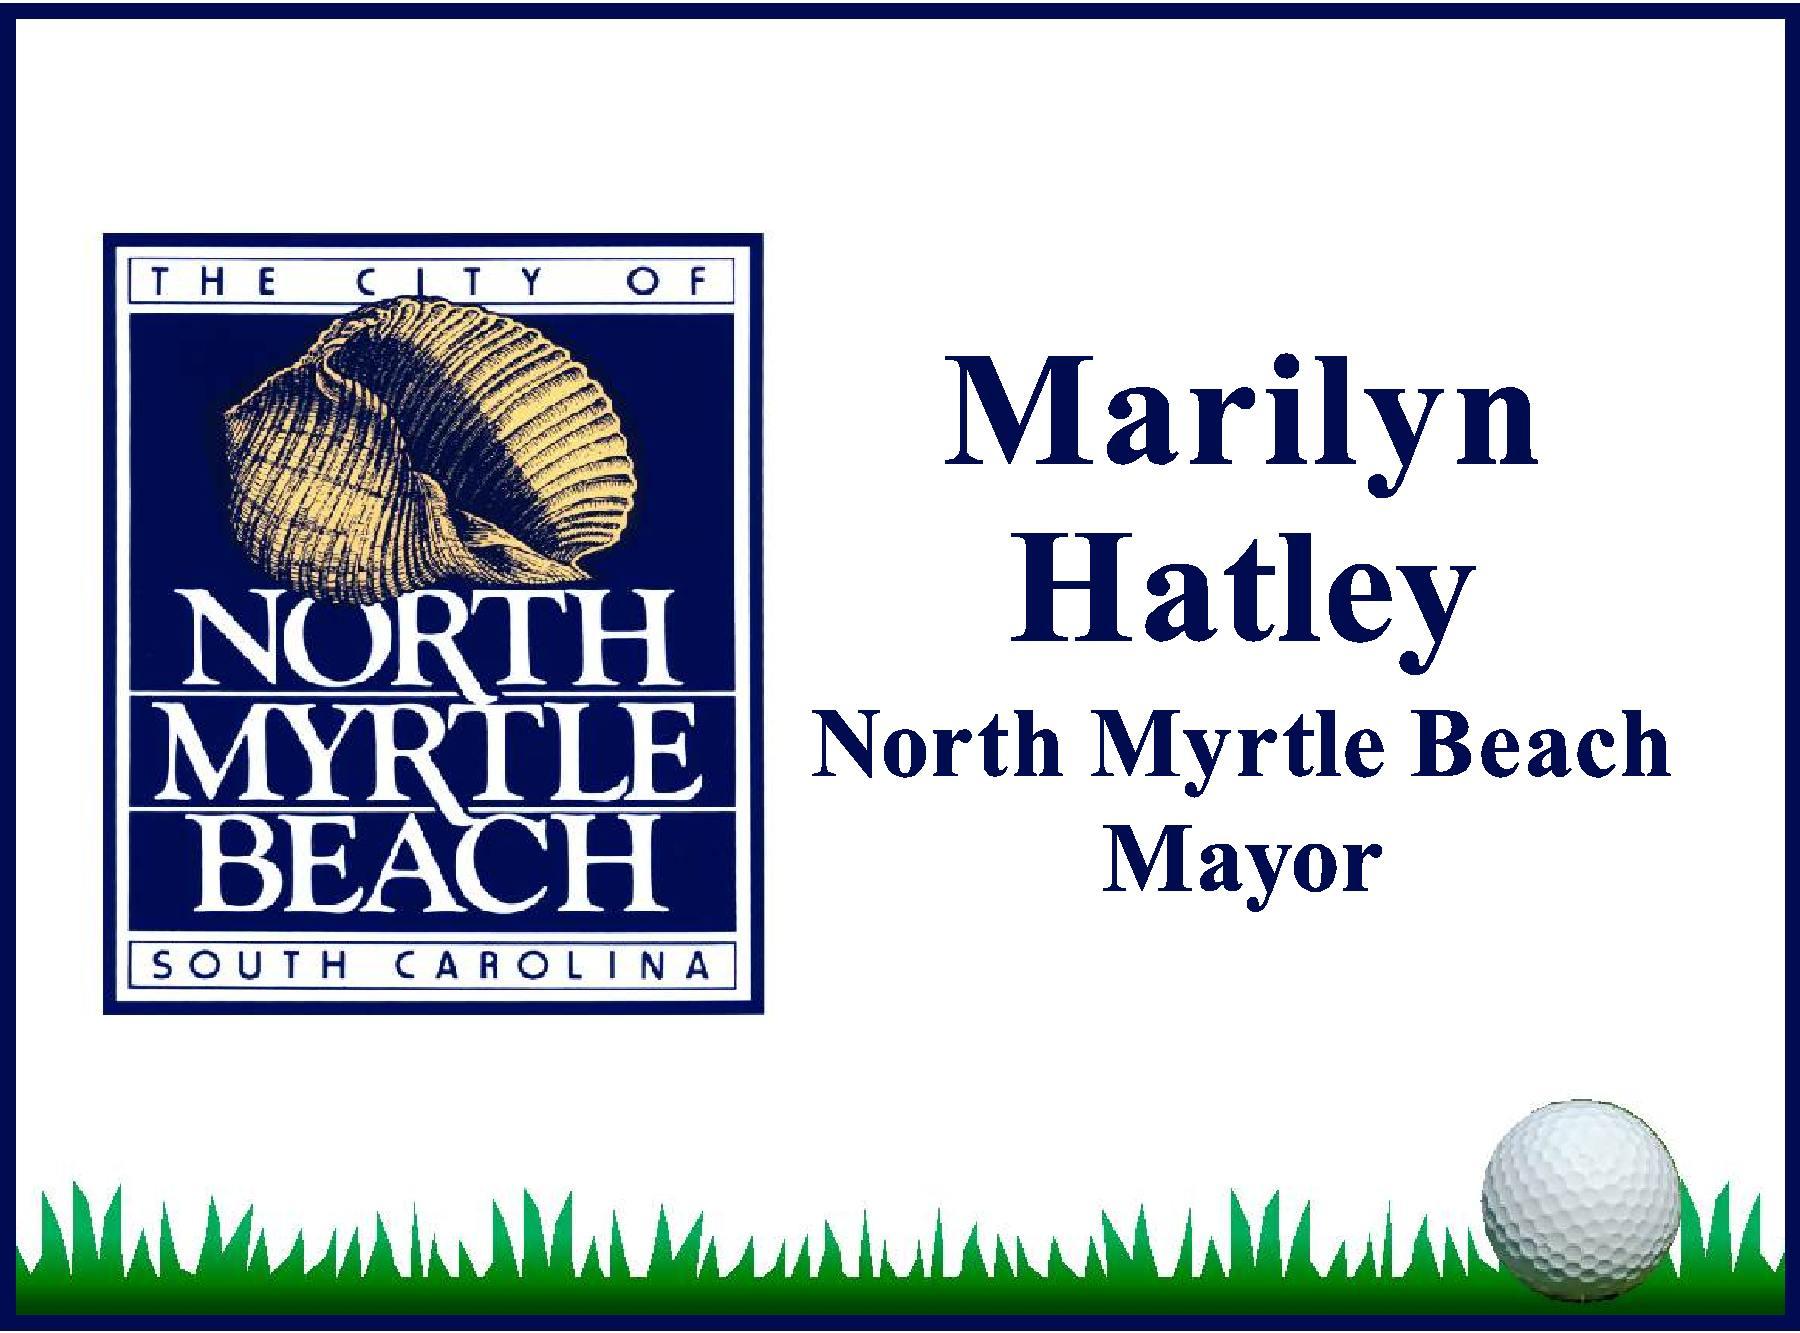 Marilyn Hatley